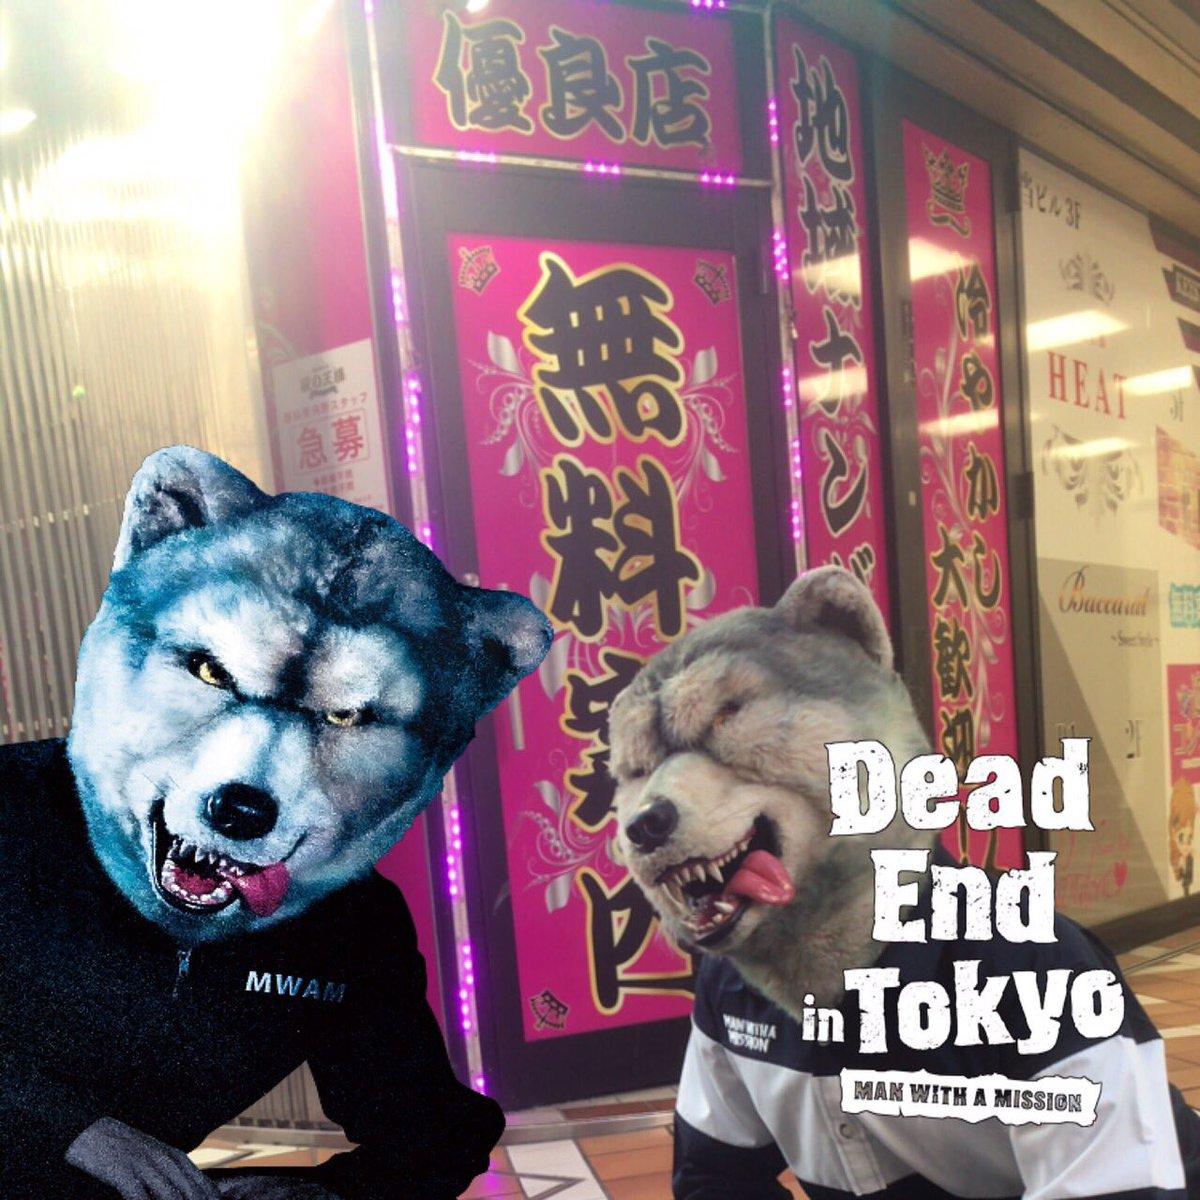 コレガ、 Dead End in Tokyo!!!!